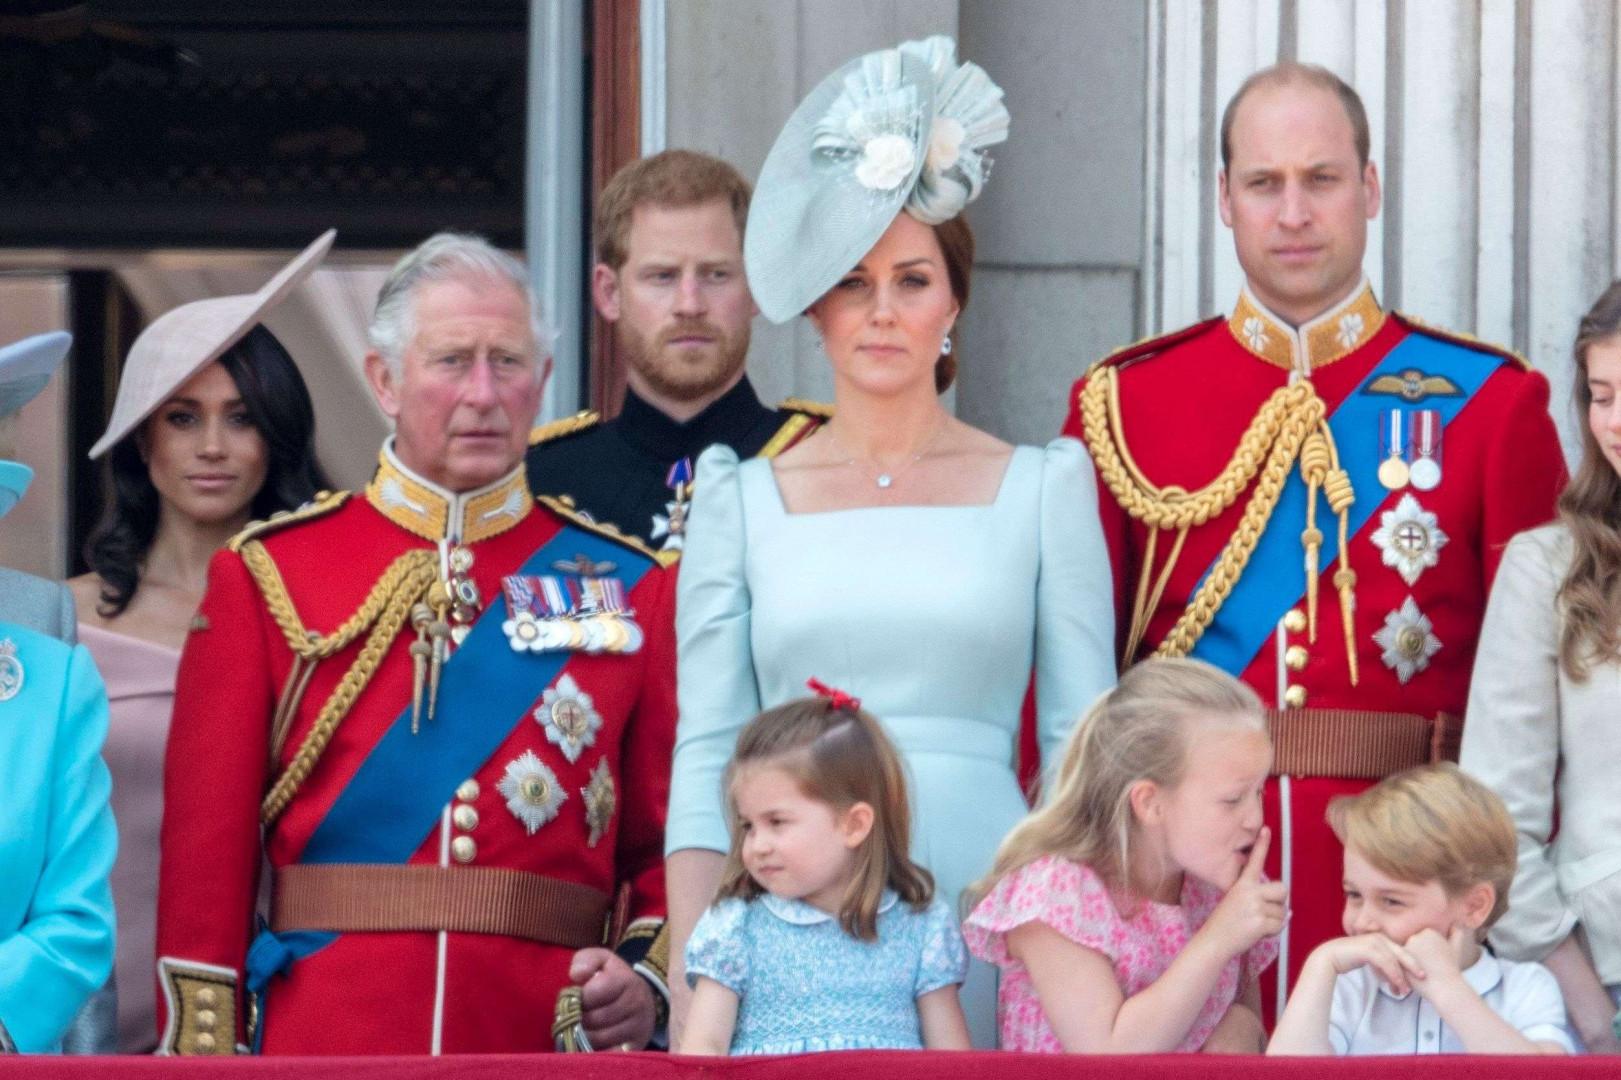 Savannah Phillips ordonne le prince George de se taire devant la famille royale